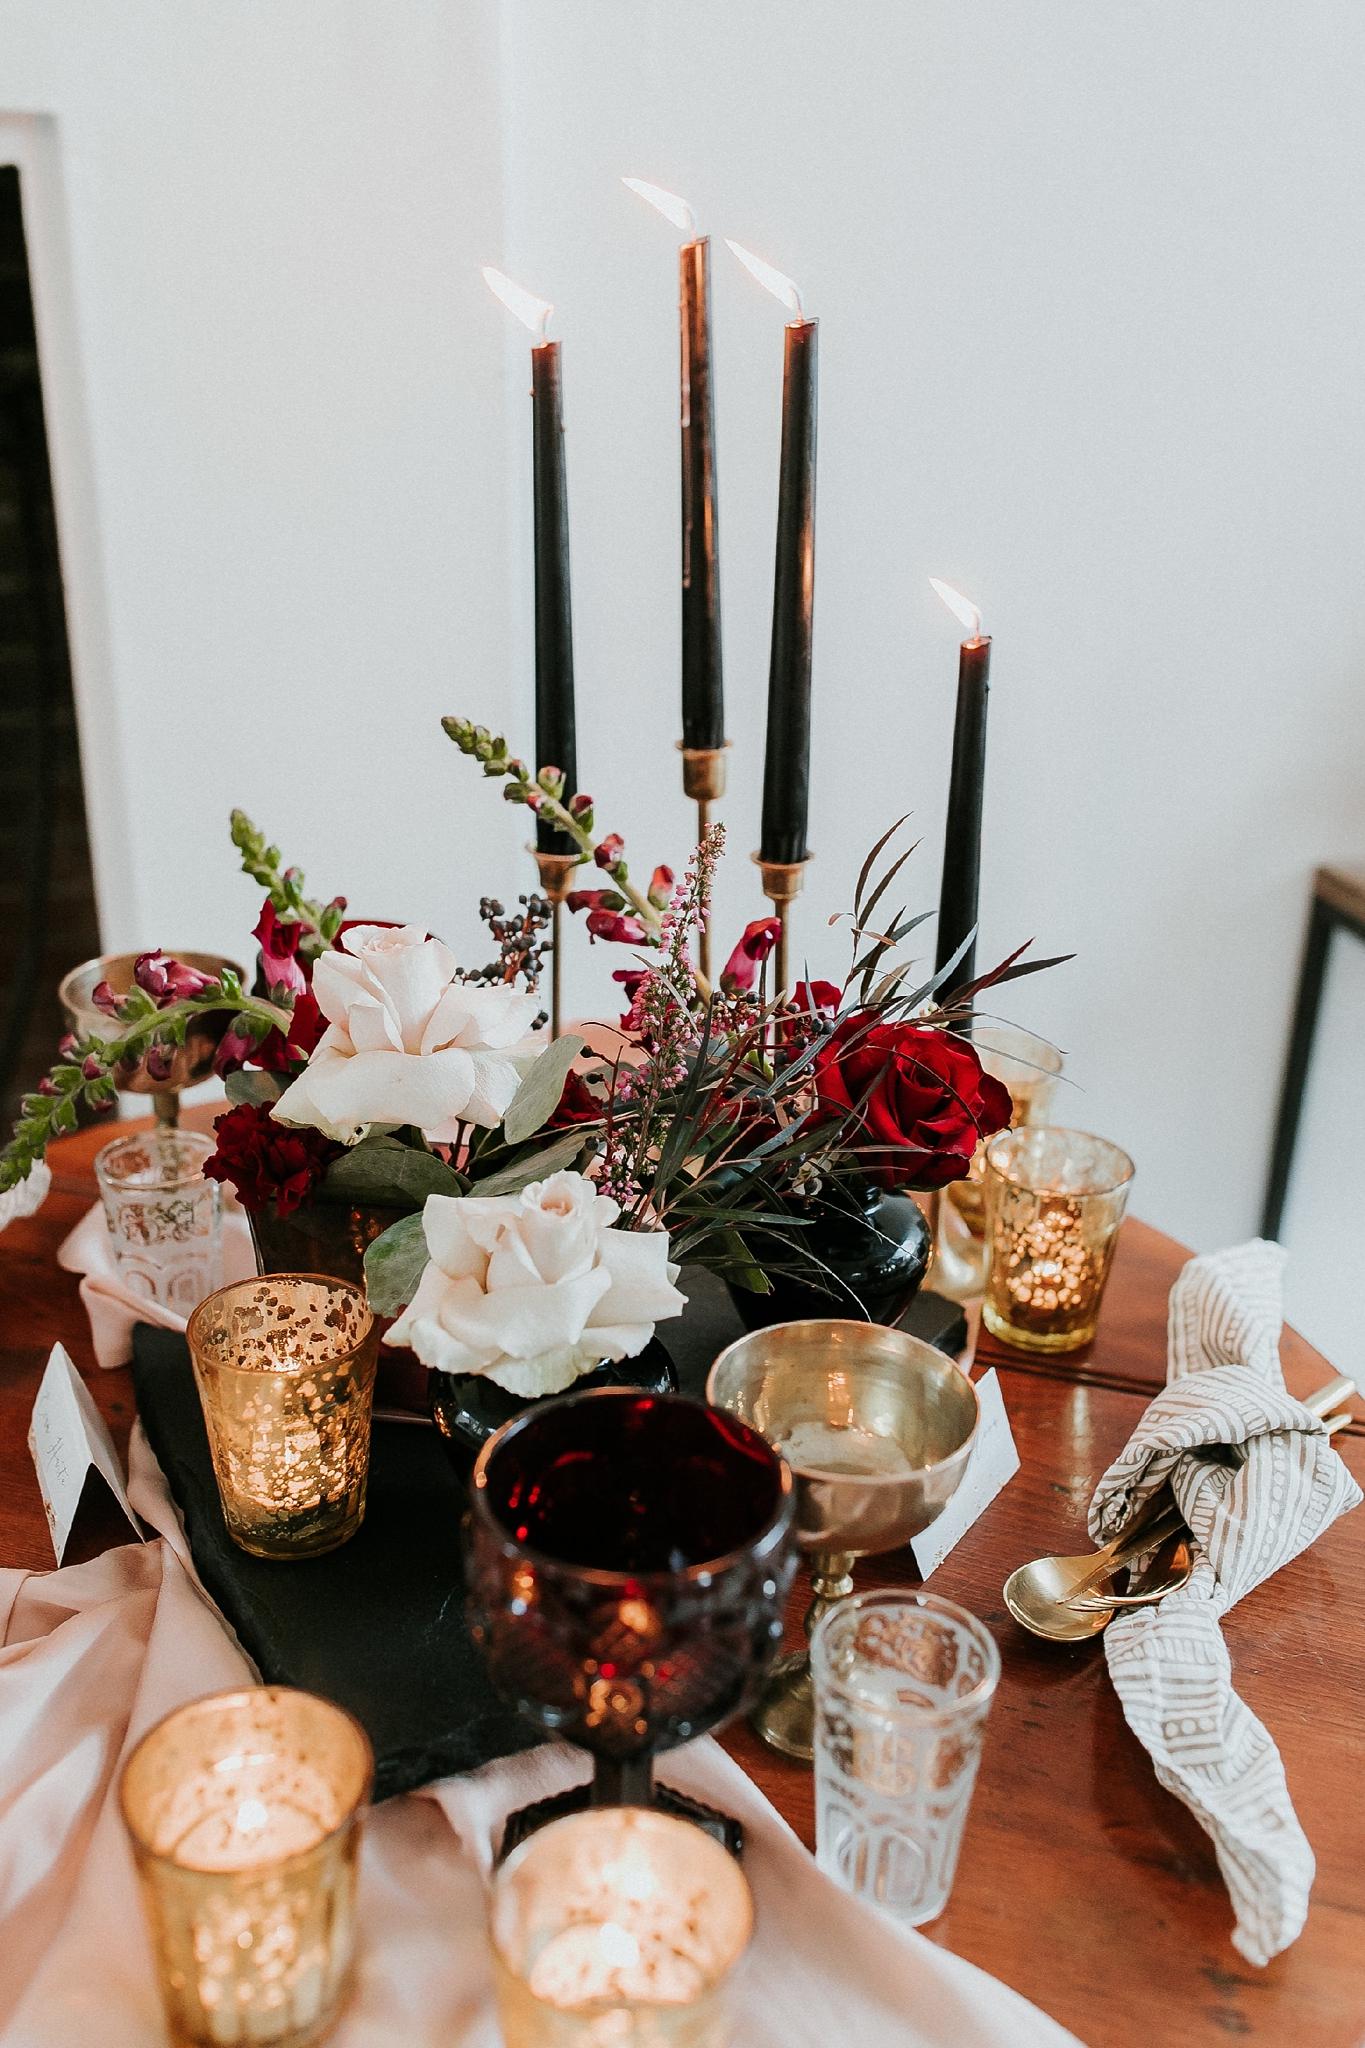 Alicia+lucia+photography+-+albuquerque+wedding+photographer+-+santa+fe+wedding+photography+-+new+mexico+wedding+photographer+-+new+mexico+wedding+-+wedding+-+winter+wedding+-+wedding+reception+-+winter+wedding+reception_0044.jpg